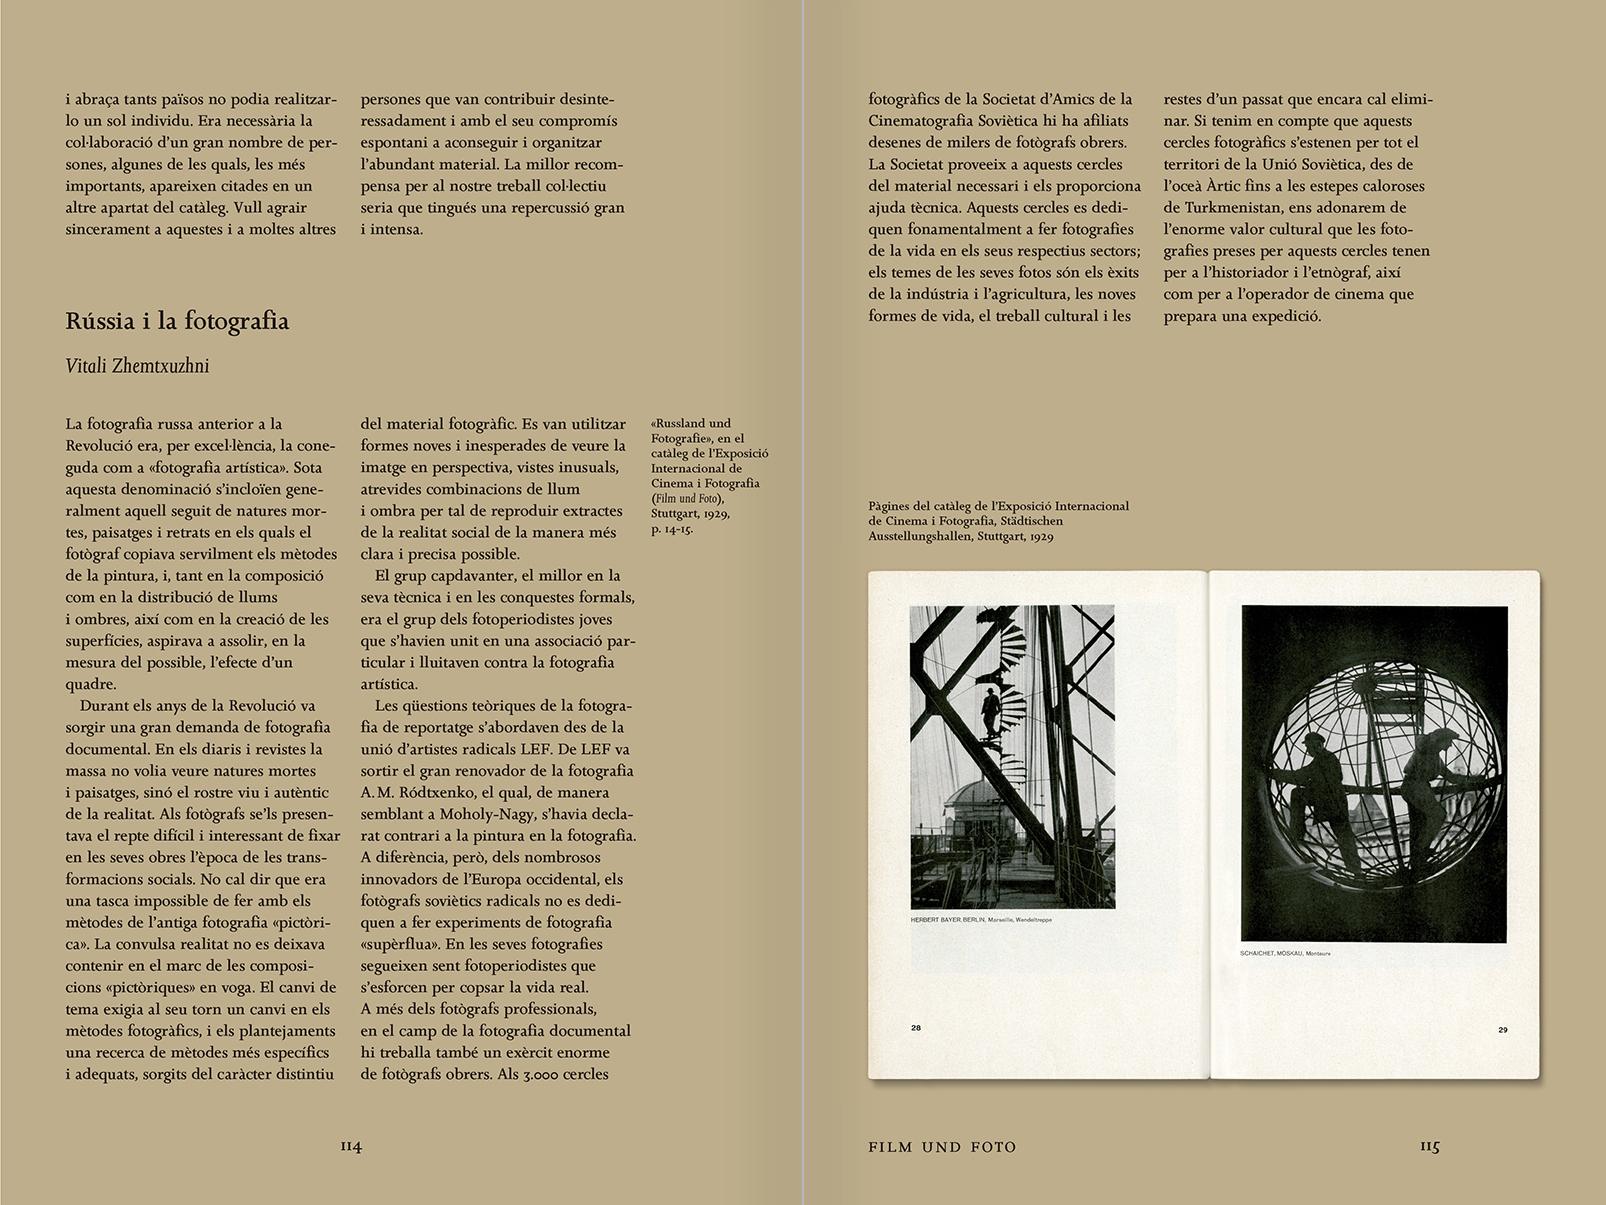 """Selección del catálogo """"Espacios fotográficos públicos. Exposiciones de propaganda, de Pressa a The Family of Man, 1928-1955"""" páginas 114 y 115"""